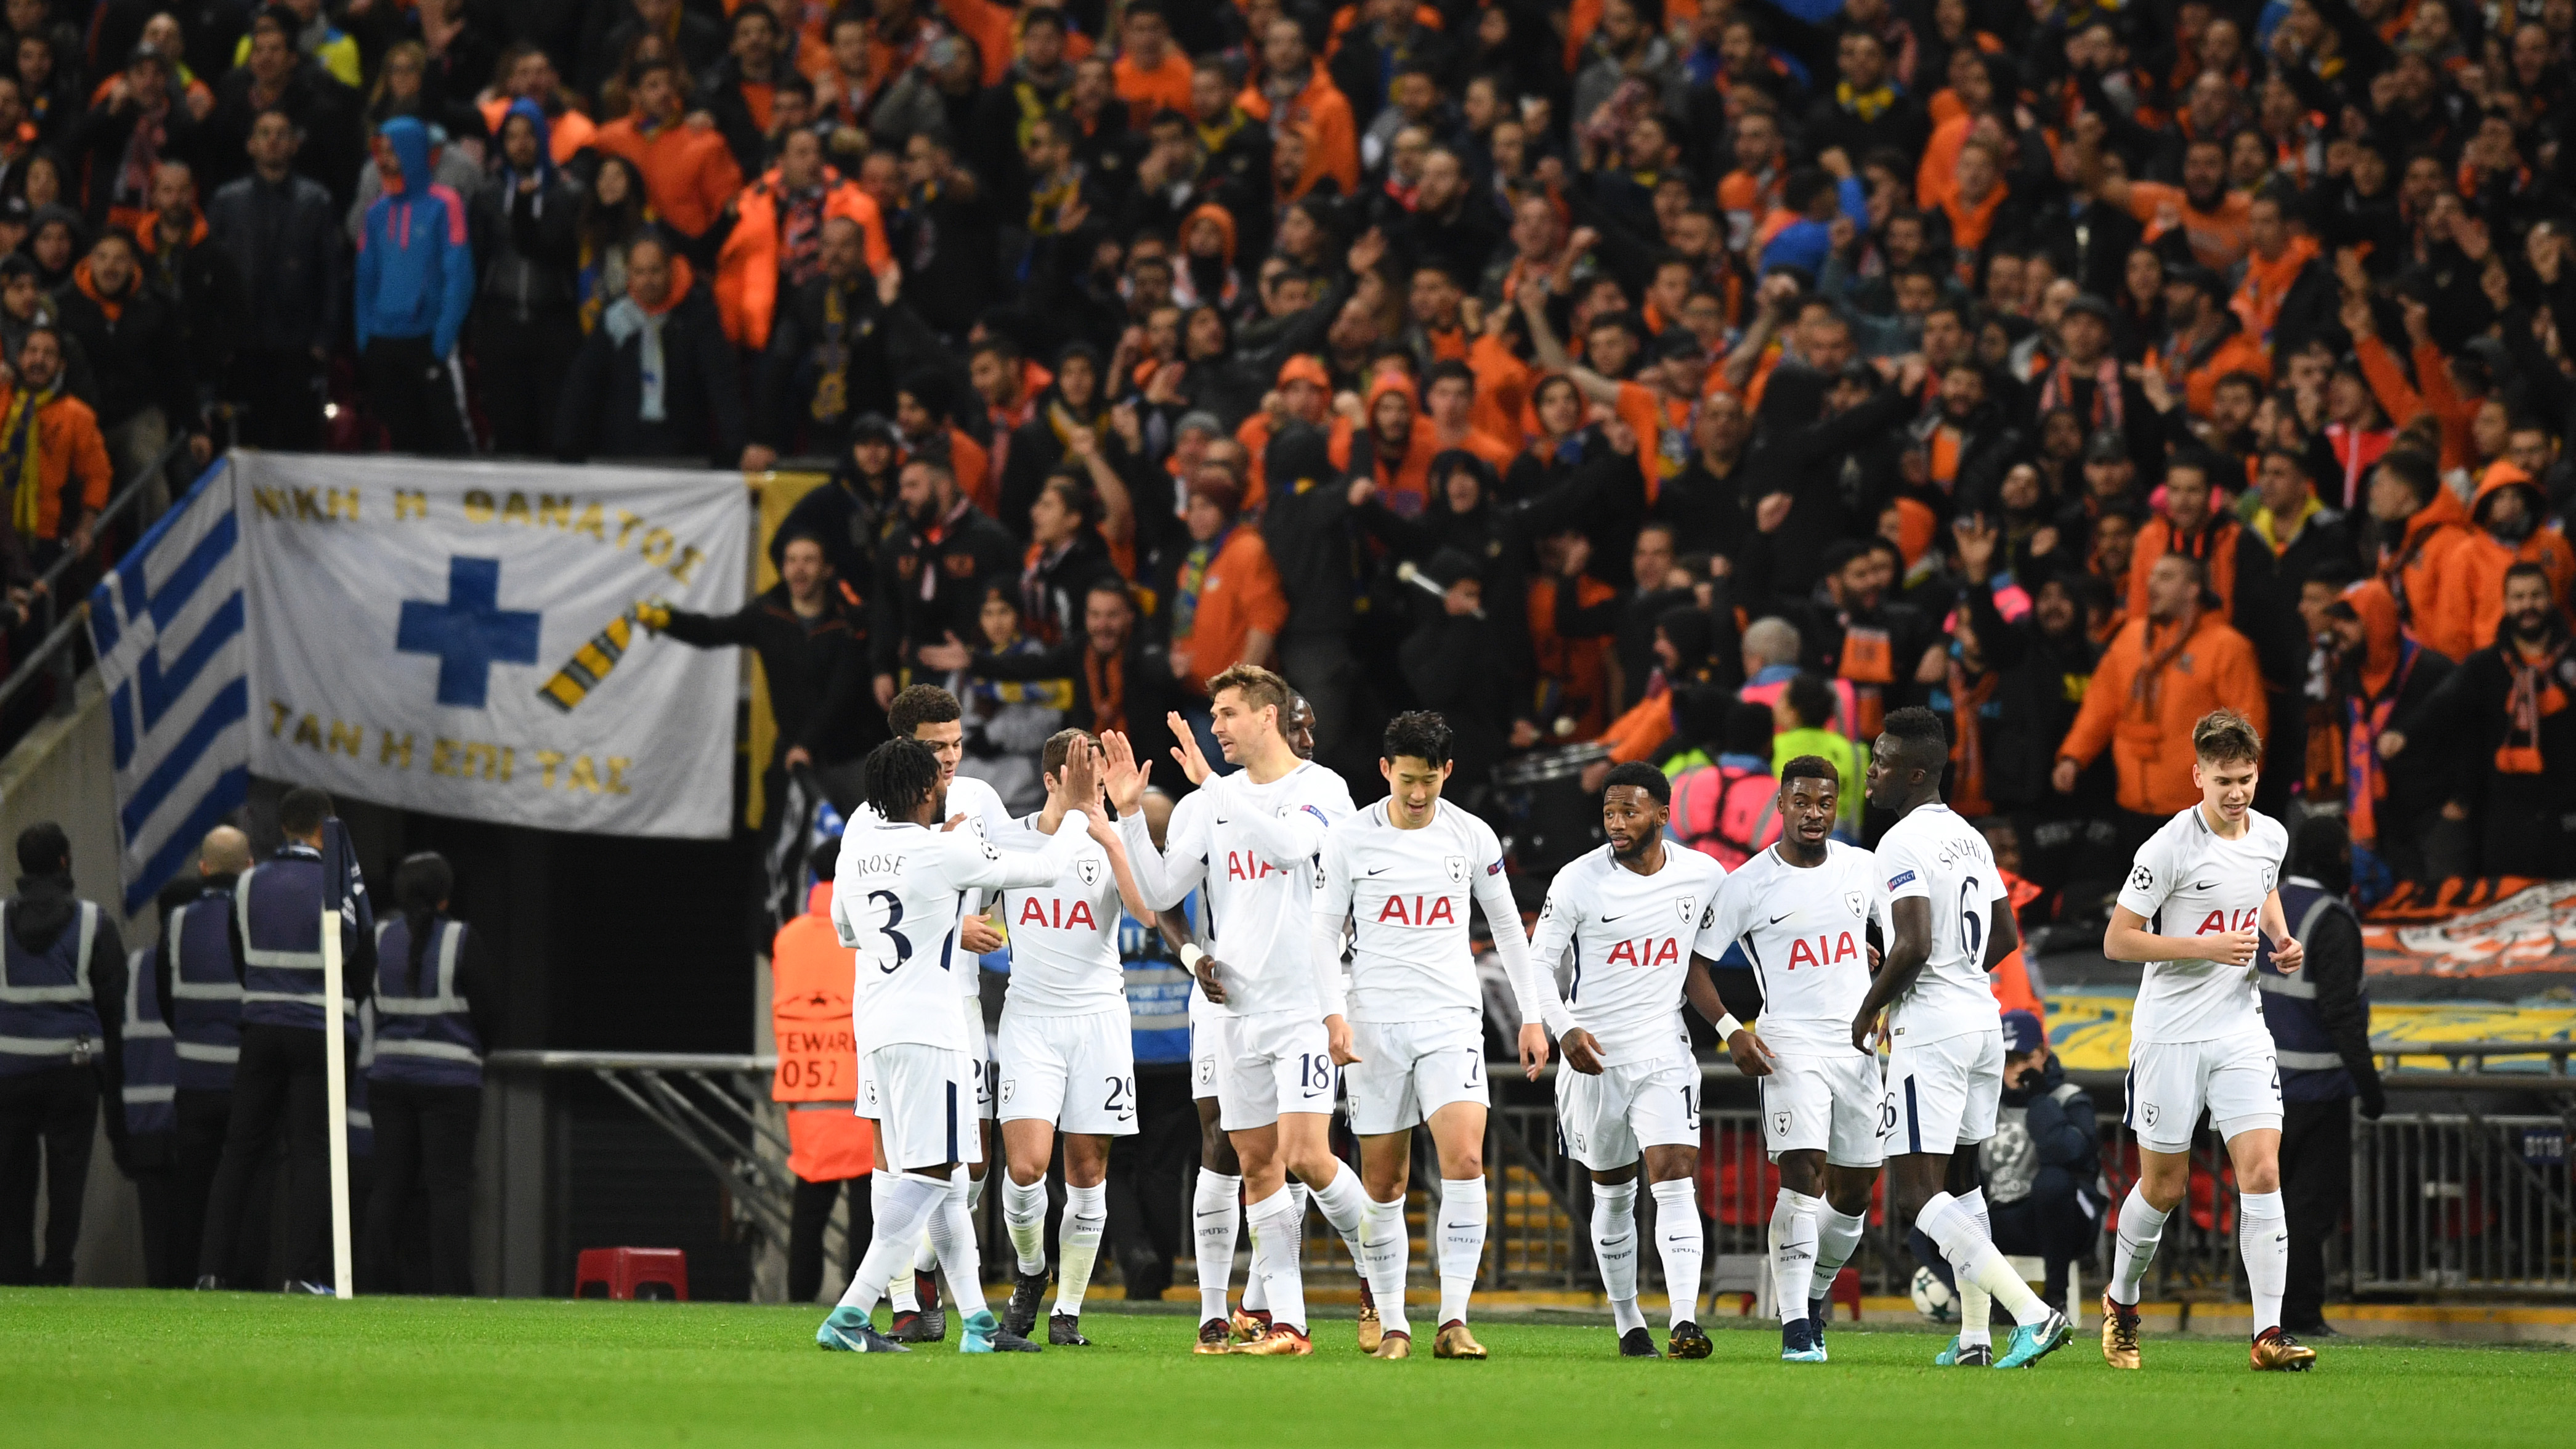 Tottenham Hotspur v APOEL Nicosia - UEFA Champions League